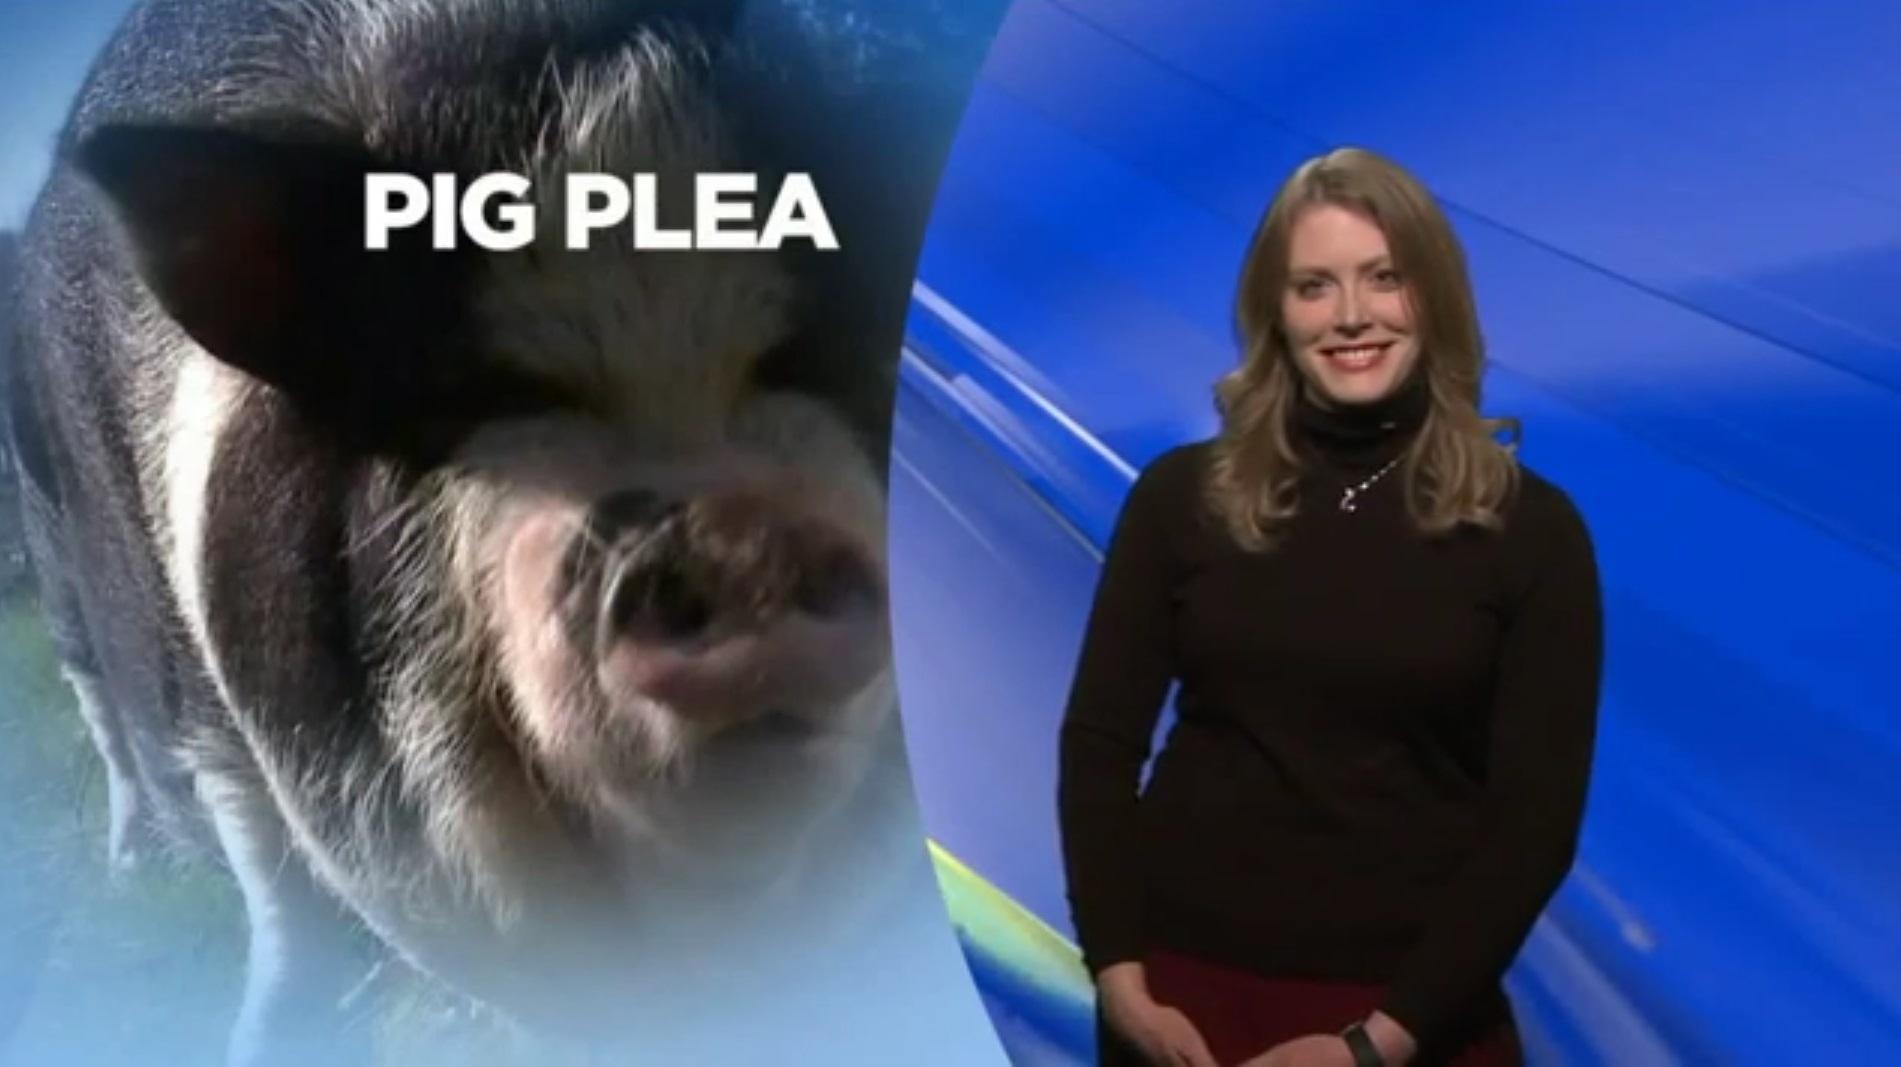 Pig Plea